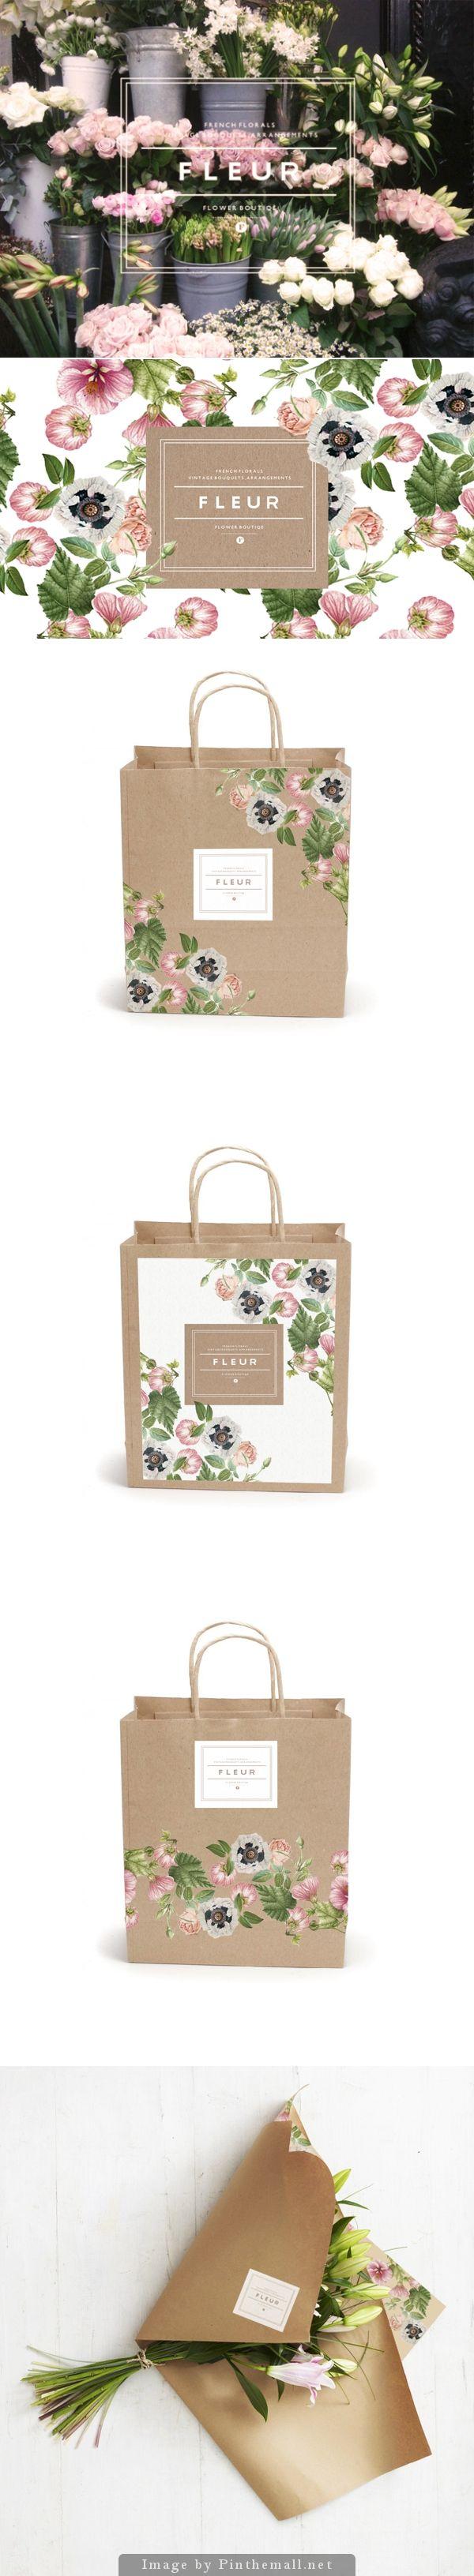 Fleur Vintage Floral Arrangements by Judit Besze... - a grouped images picture - Pin Them All